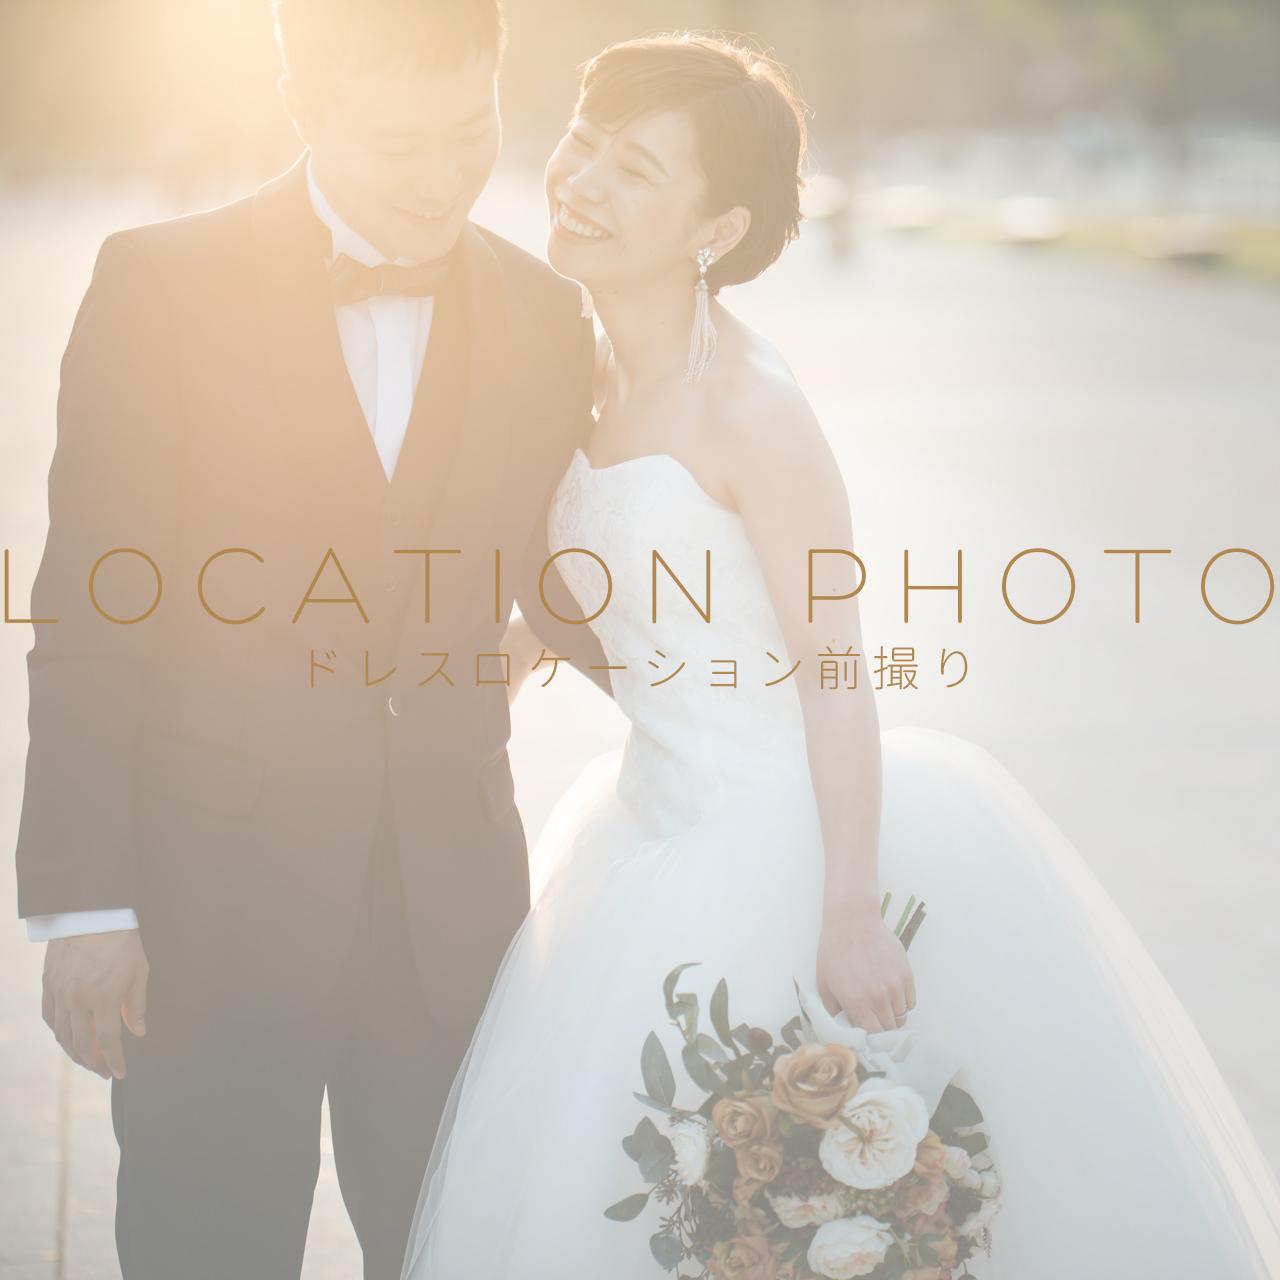 結婚式カメラマン ウェディングフォト 結婚写真 ロケーションフォト ウェディングドレス前撮り Fika and Fotos